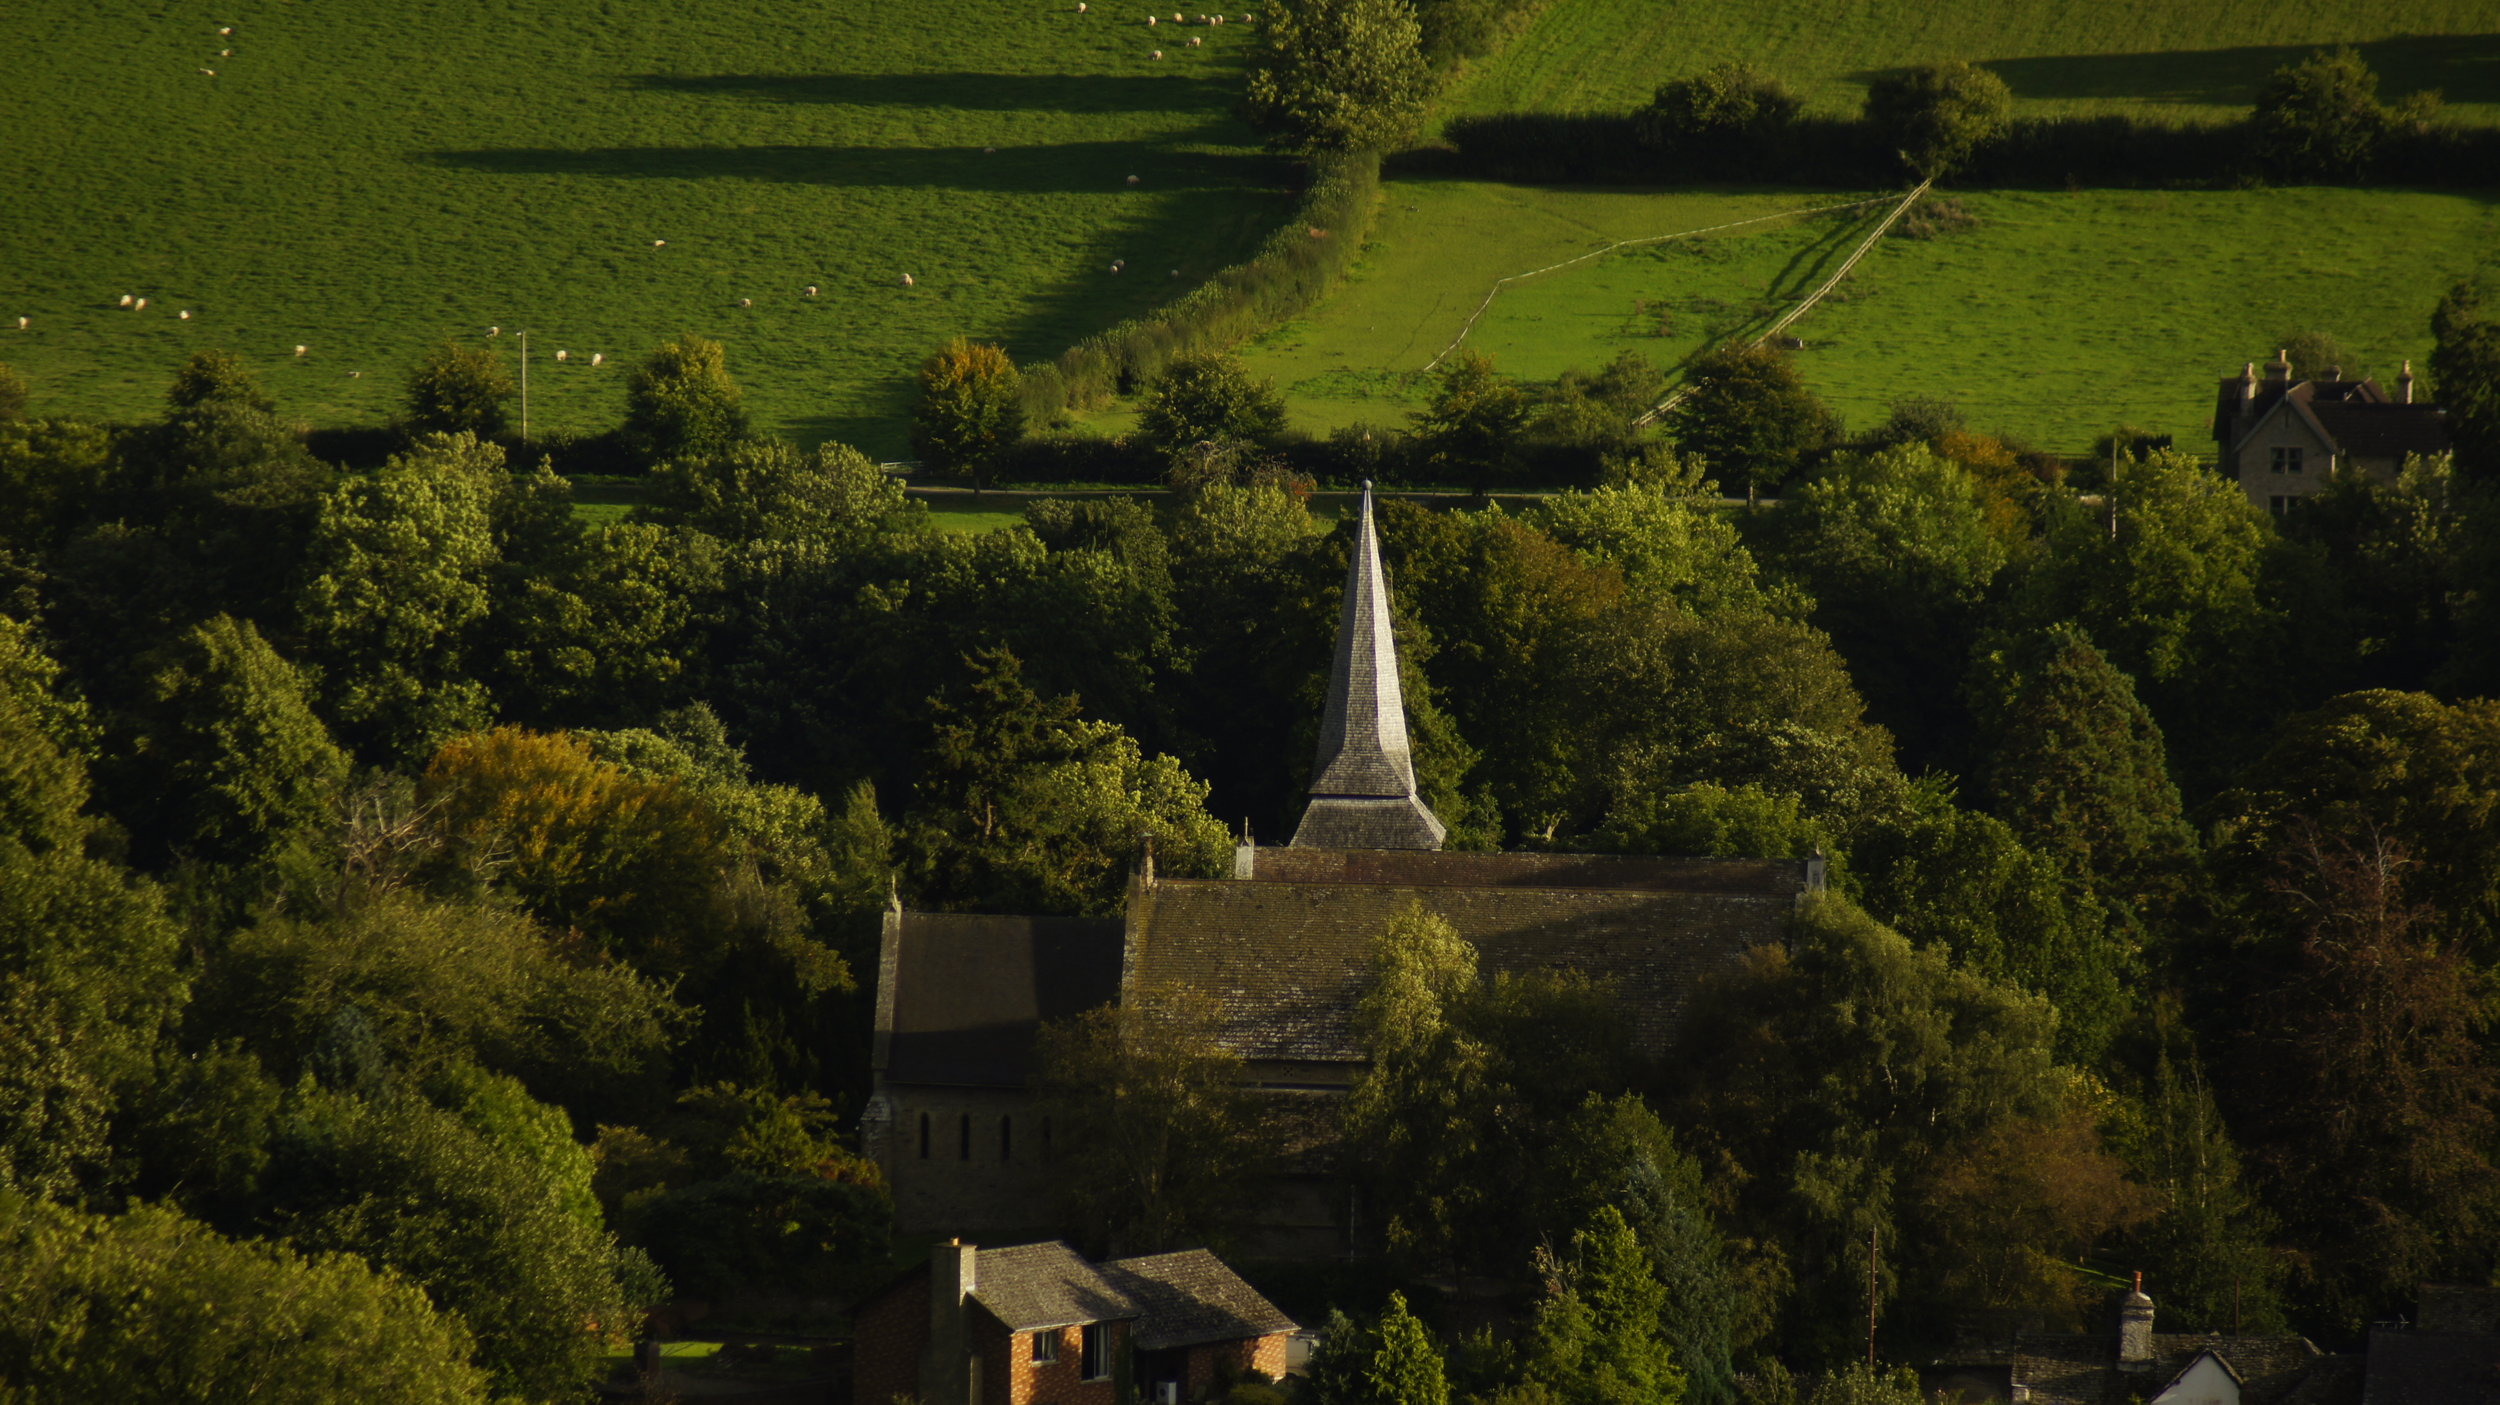 Kington St Mary's Bradnor Views 16-9-16 0227.JPG